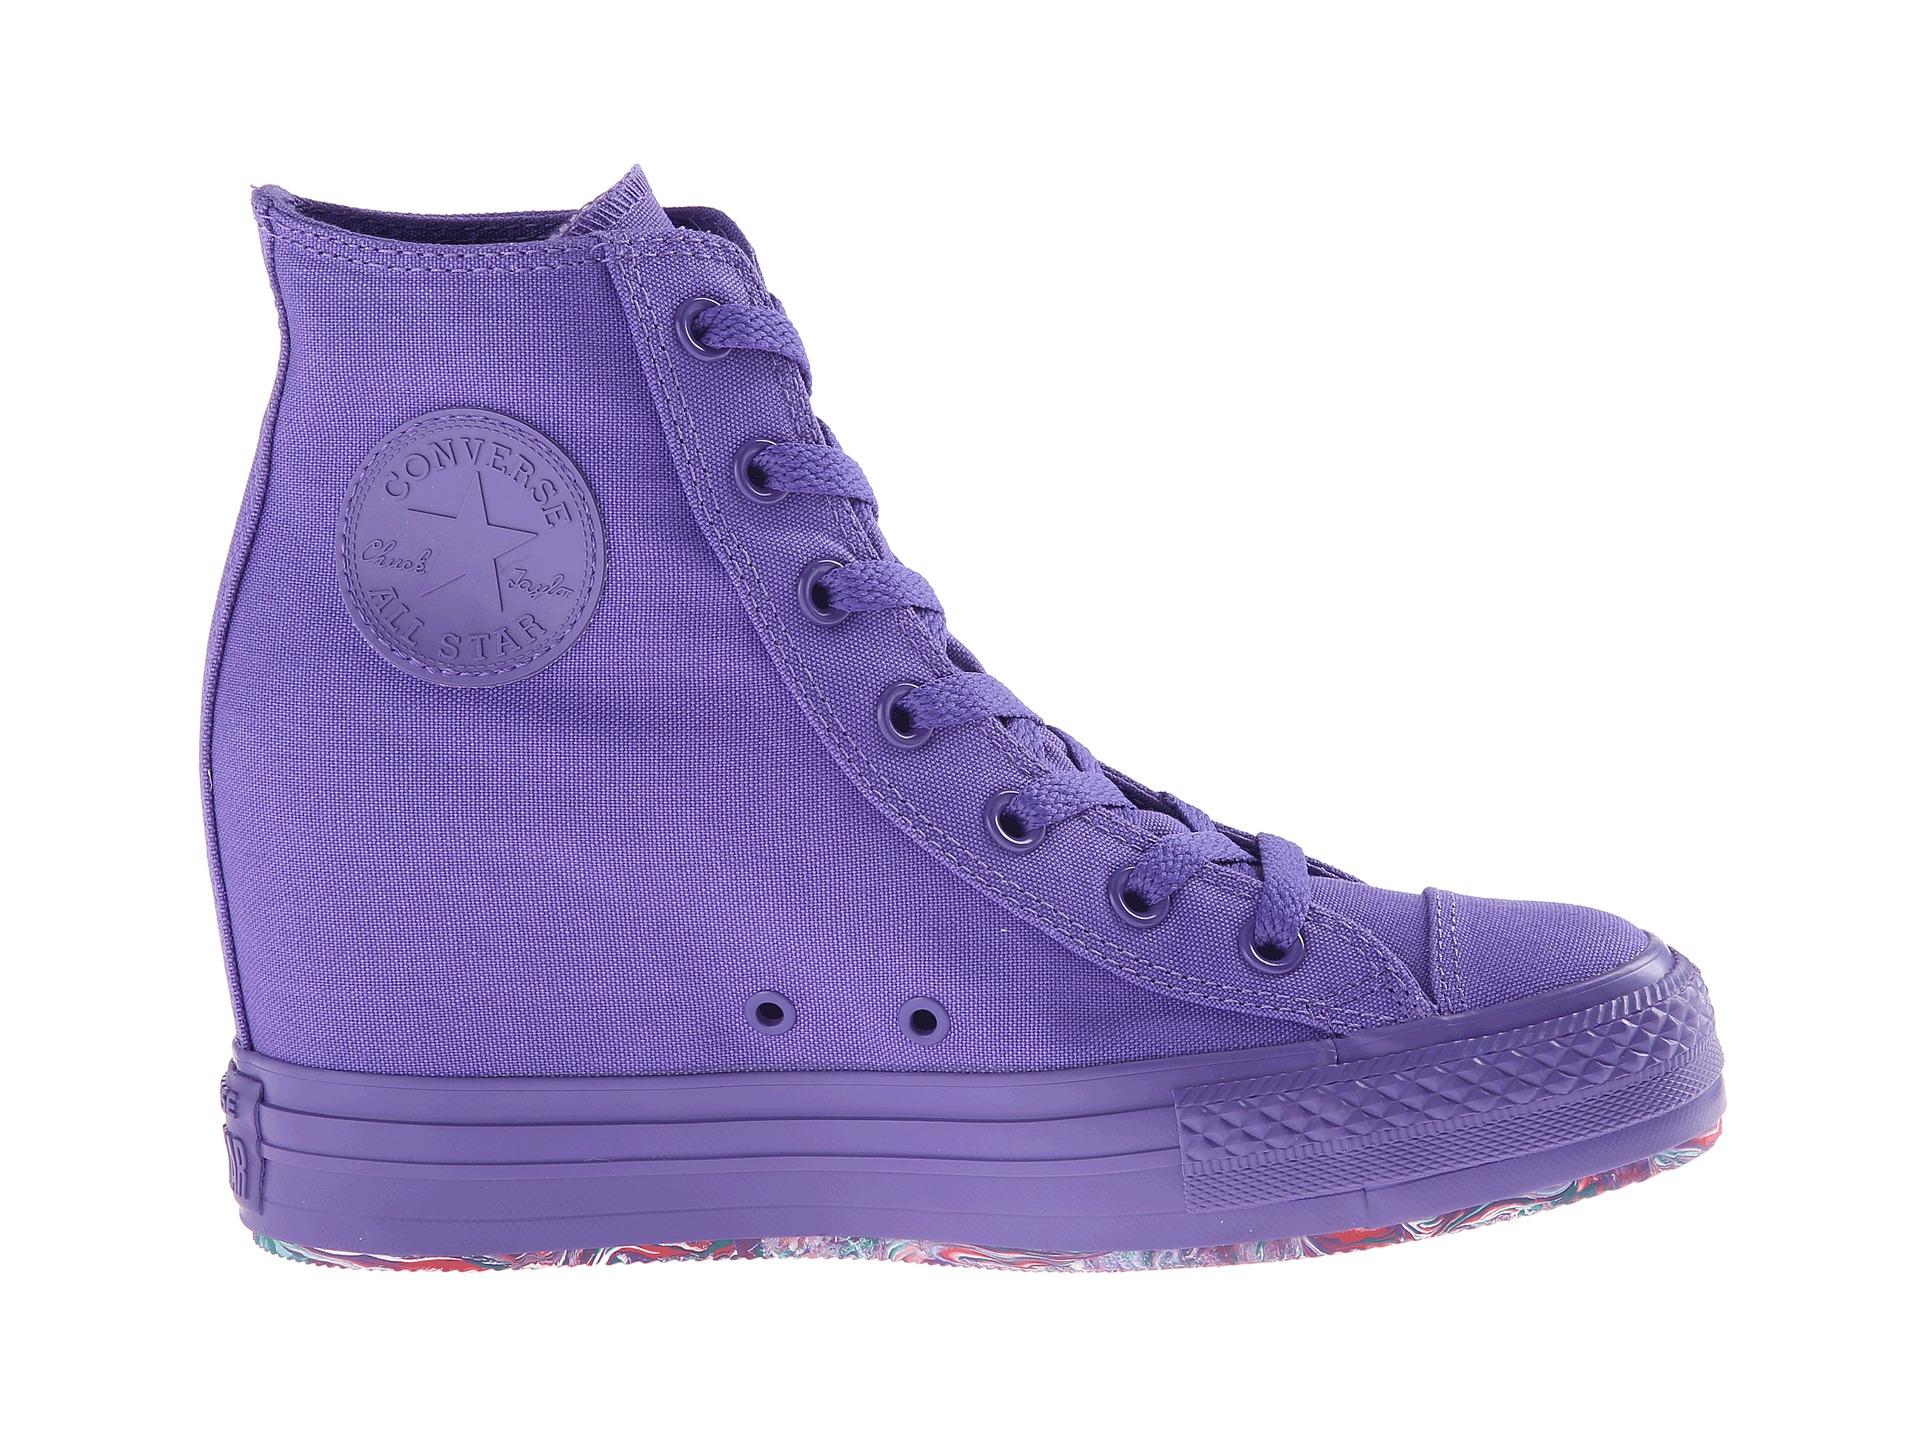 d7c5b9660a717b Lyst - Converse Chuck Taylor All Star Platform Plus Hi in Purple